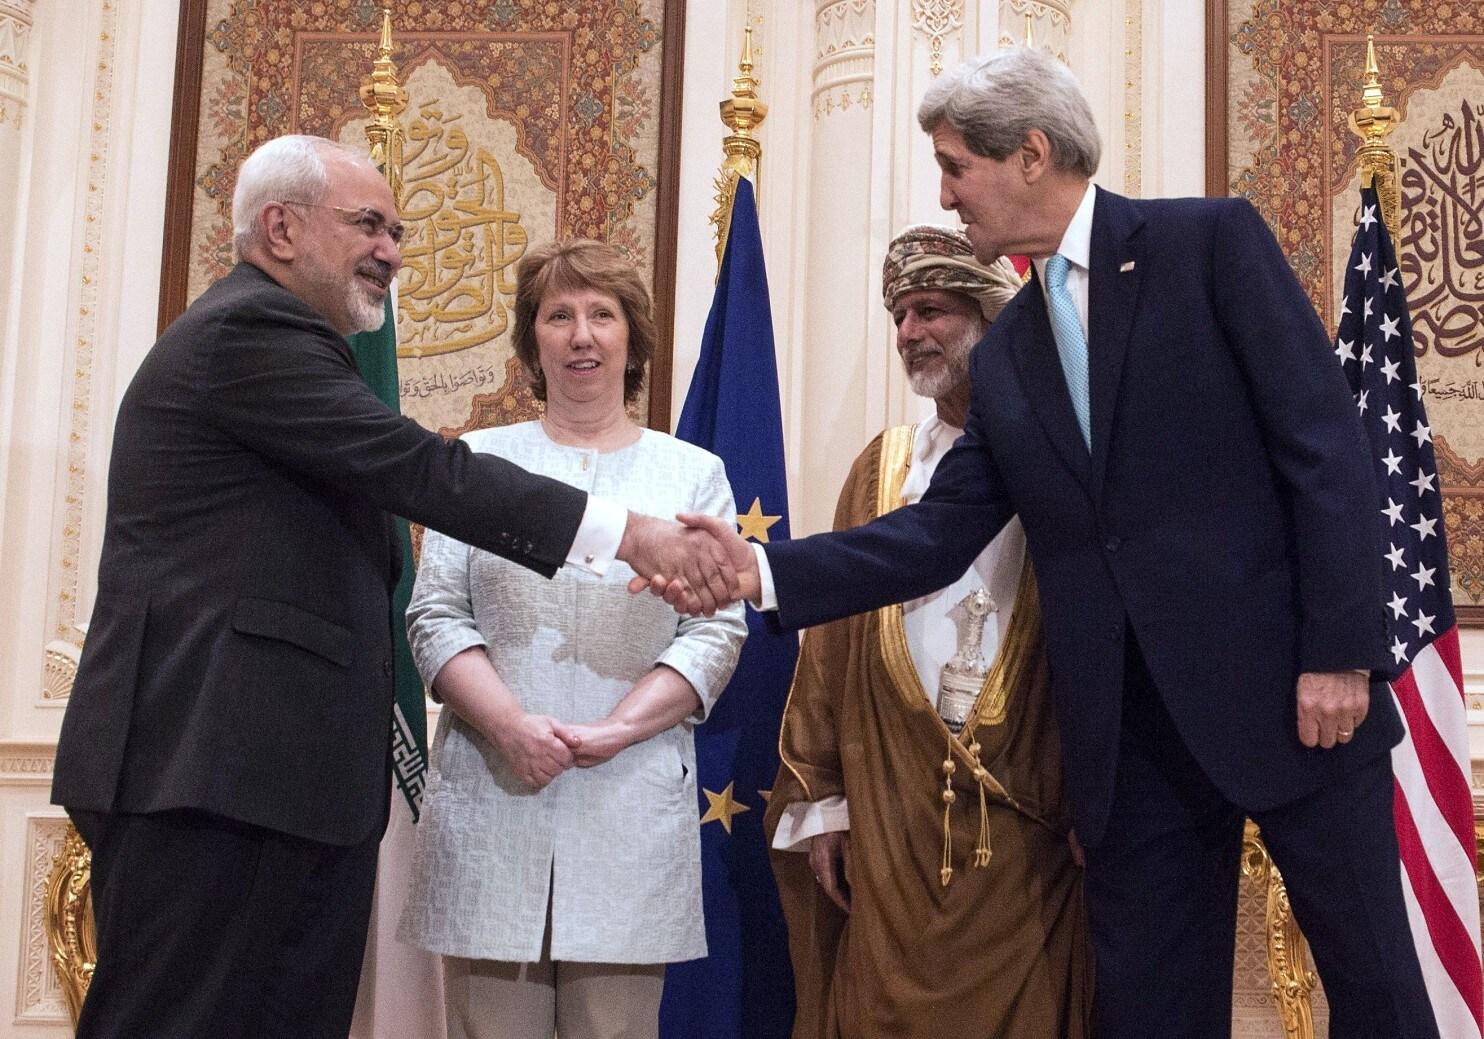 لعبت عمان دورا محوريا في الاتفاق النووي السابق (أ ف ب)